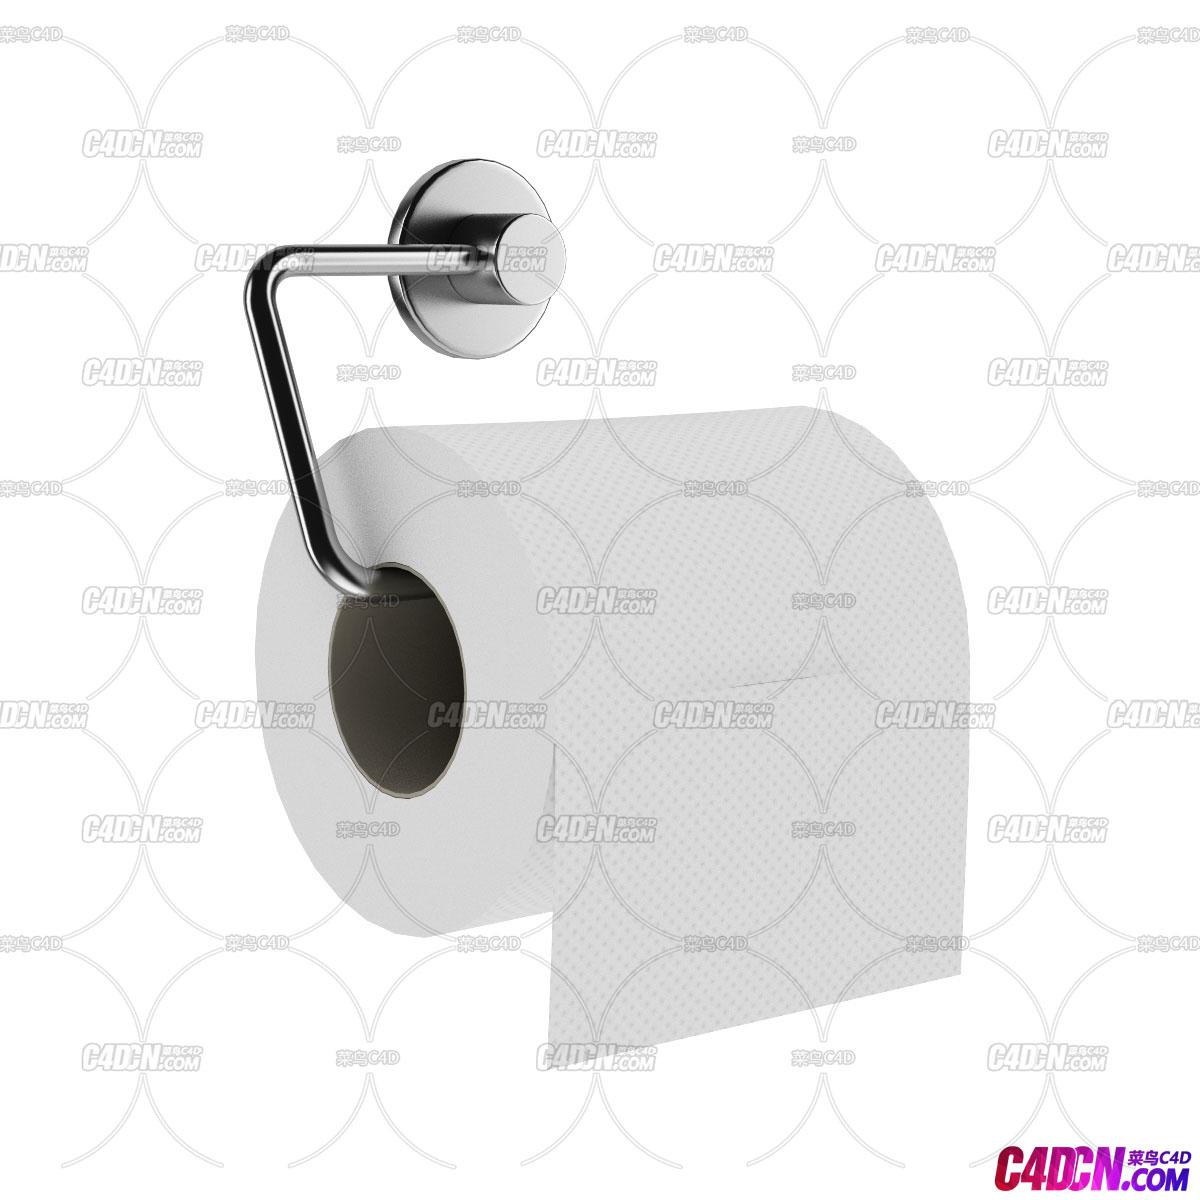 C4D模型 卫生间手纸抽纸卷纸卫生纸模型